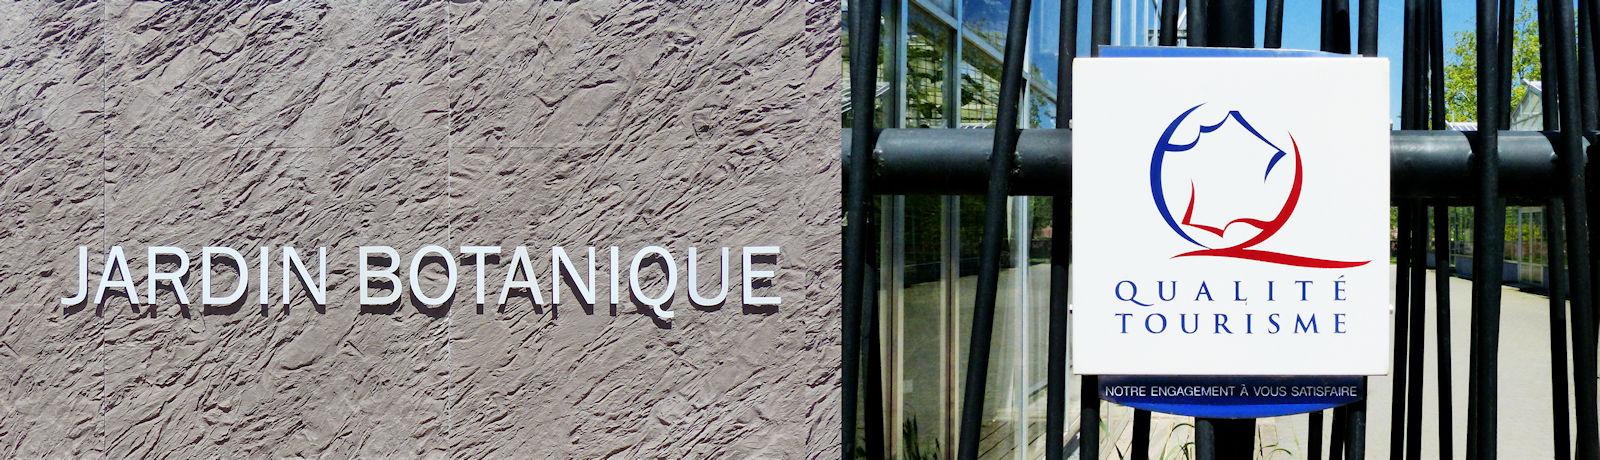 Qualité Tourisme™ - Jardin botanique, Tourcoing